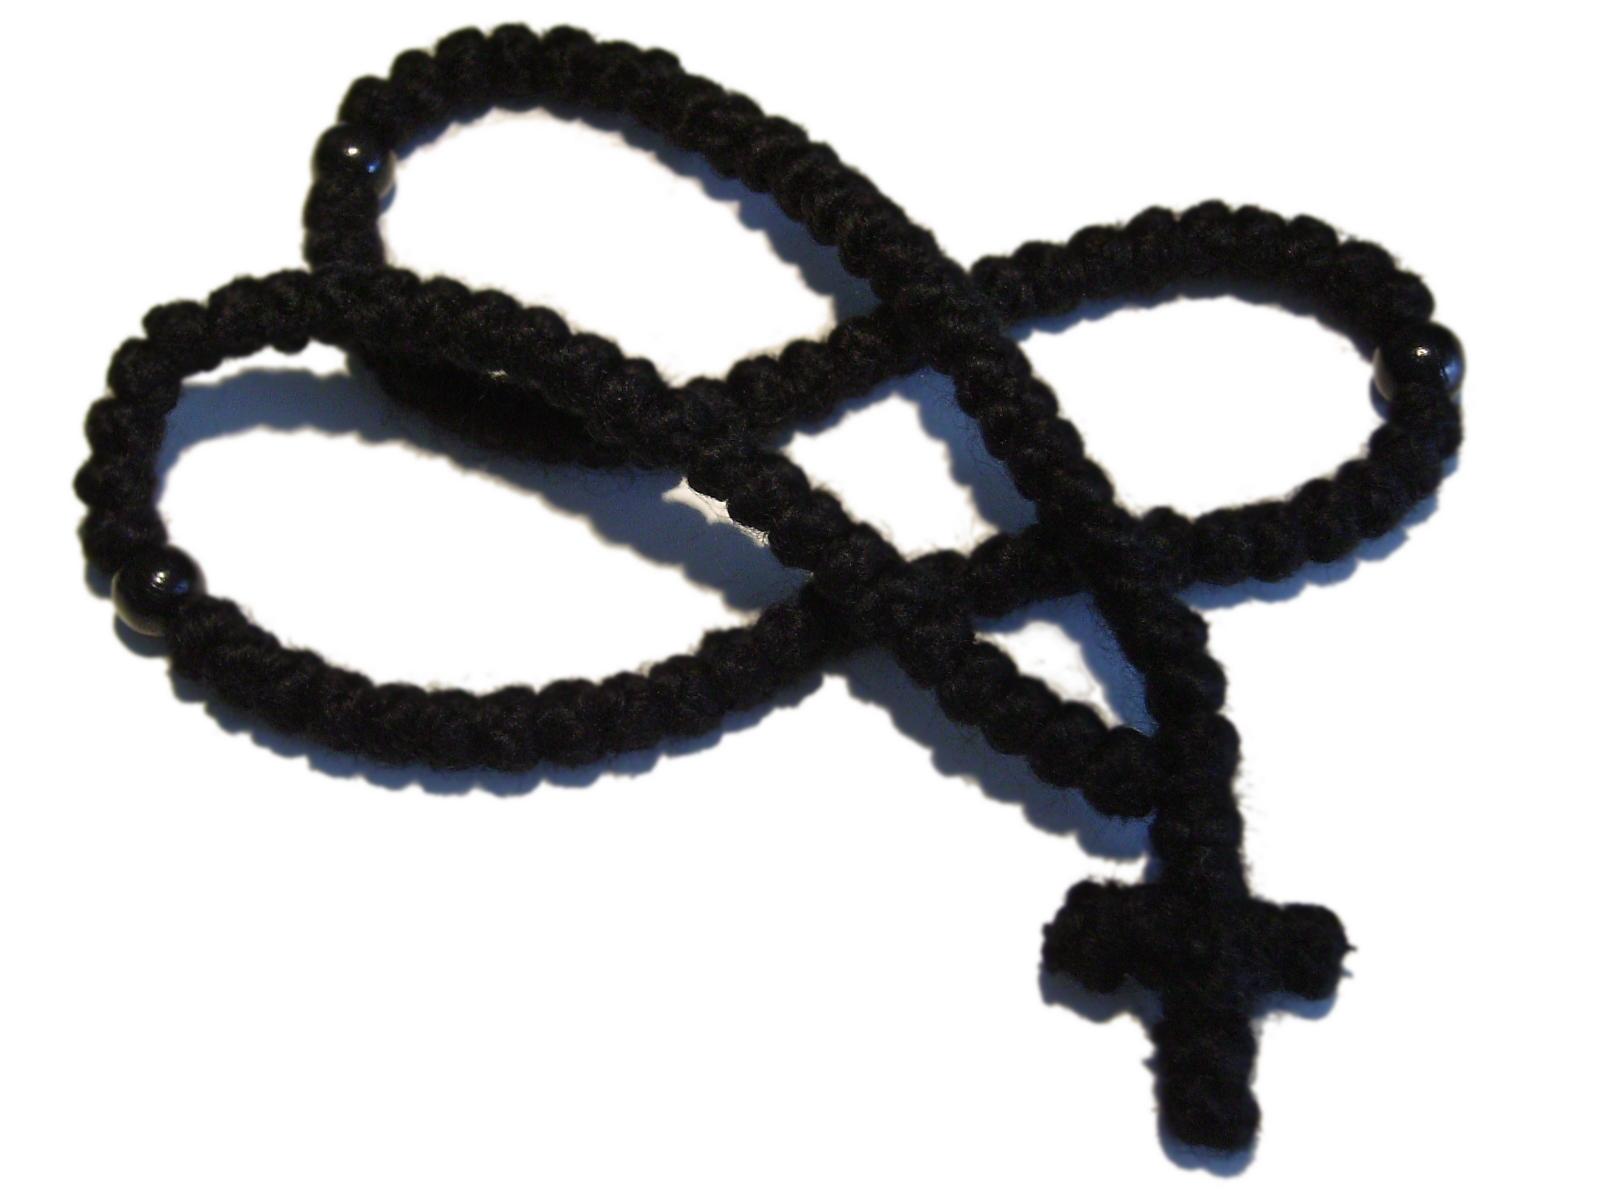 43c60999ad69e Prayer rope - Wikipedia